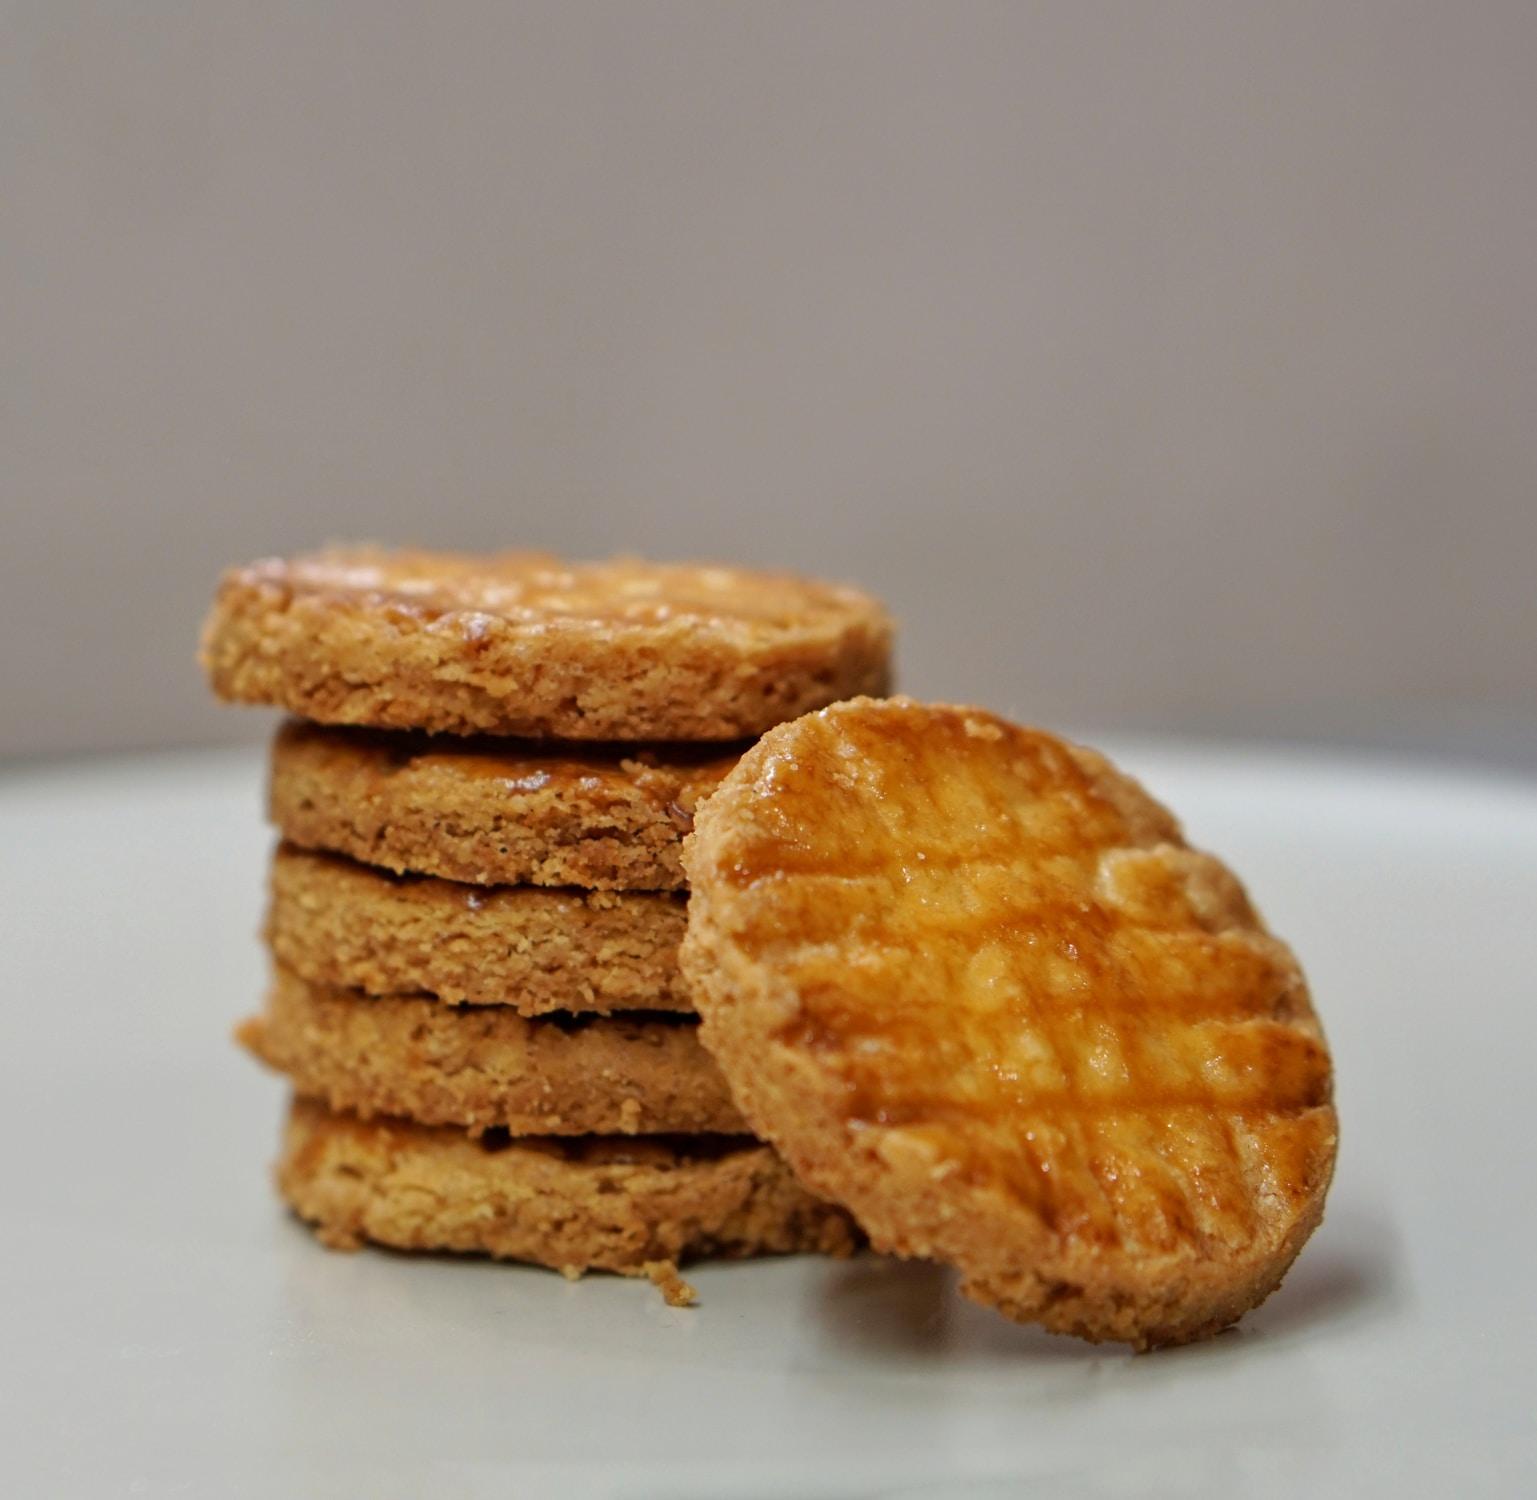 Μπισκότα βουτύρου εύκολη συνταγή για τα Χριστούγεννα